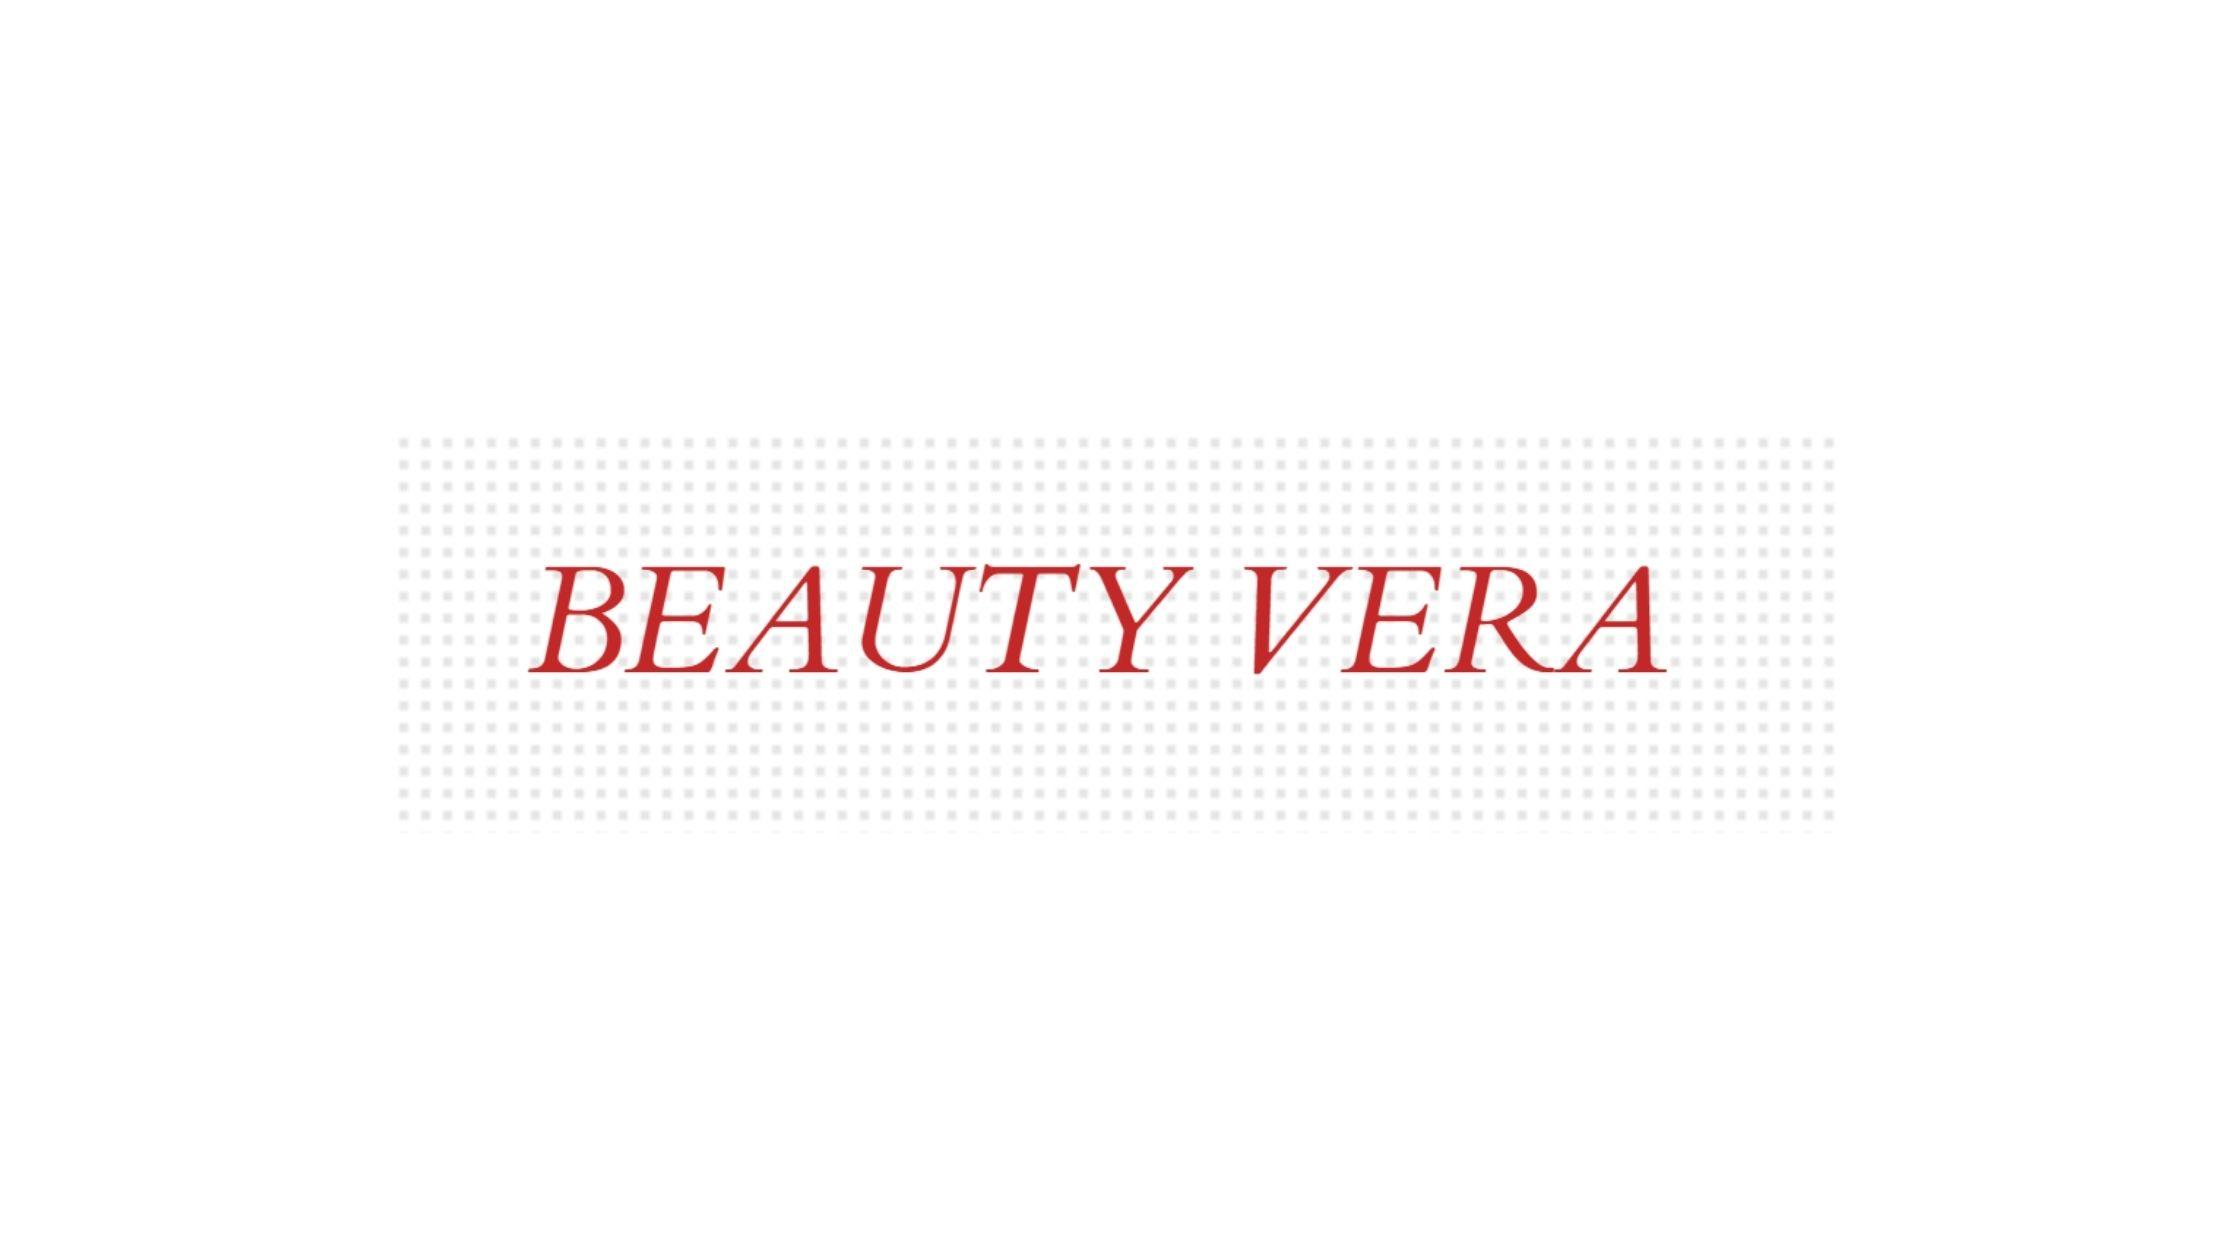 BeautyByVera